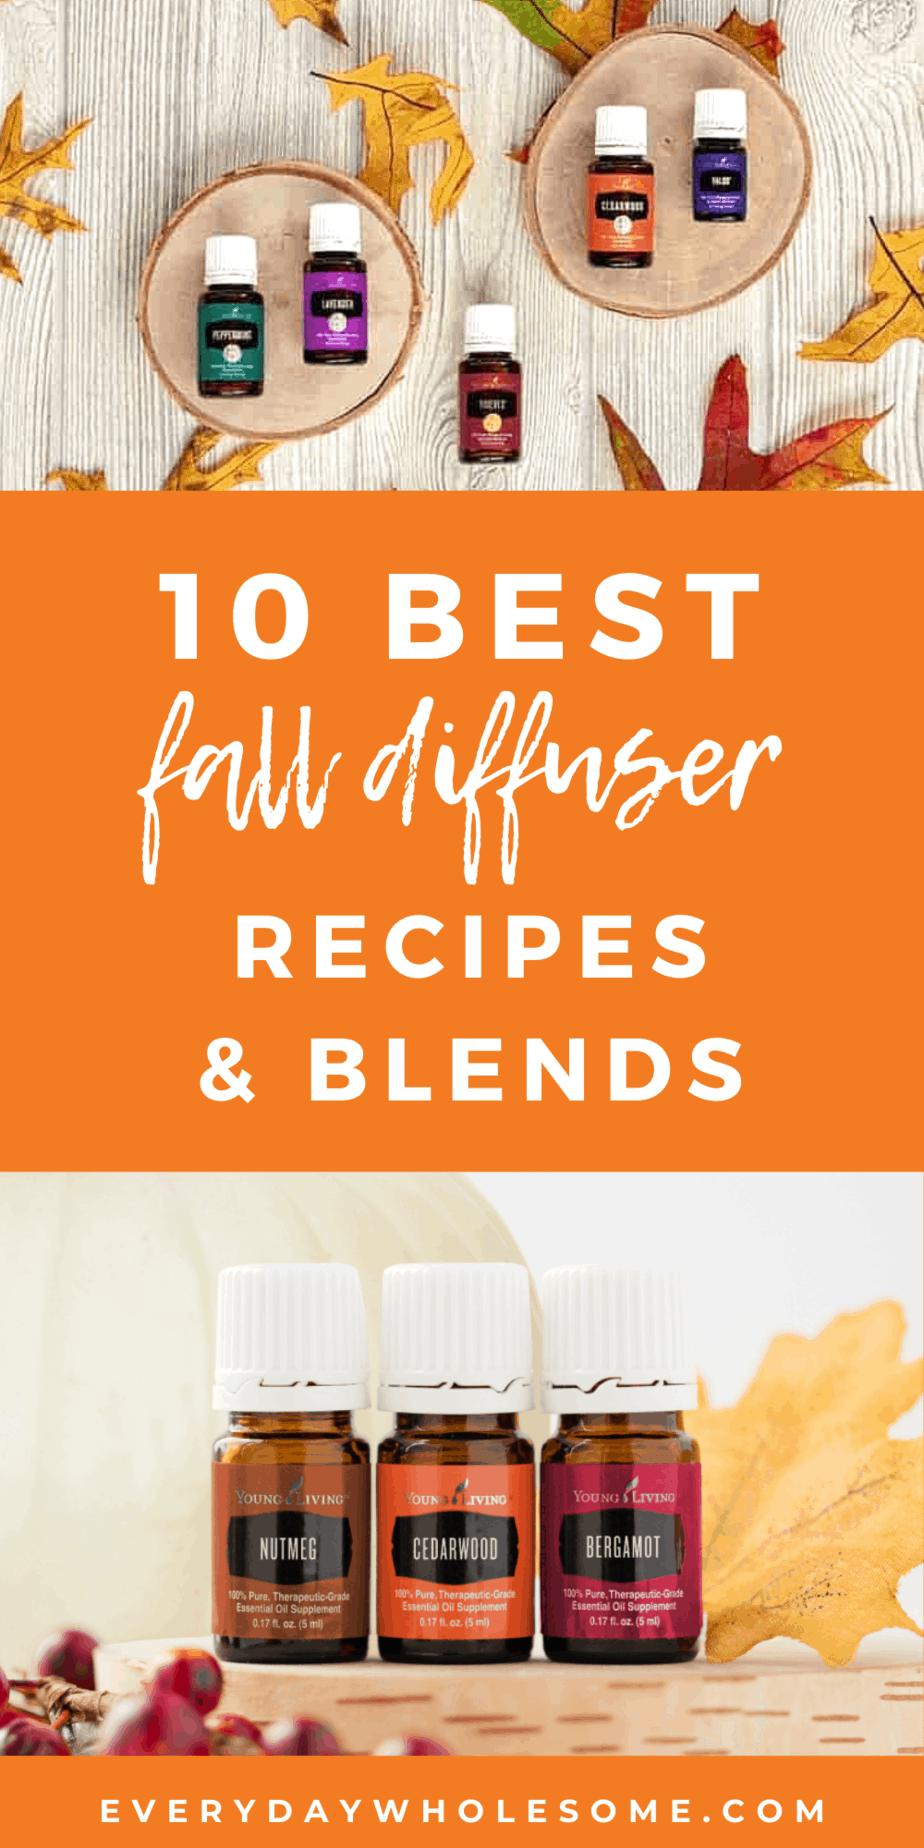 10 best fall autumn diffsuer blends recipes pin